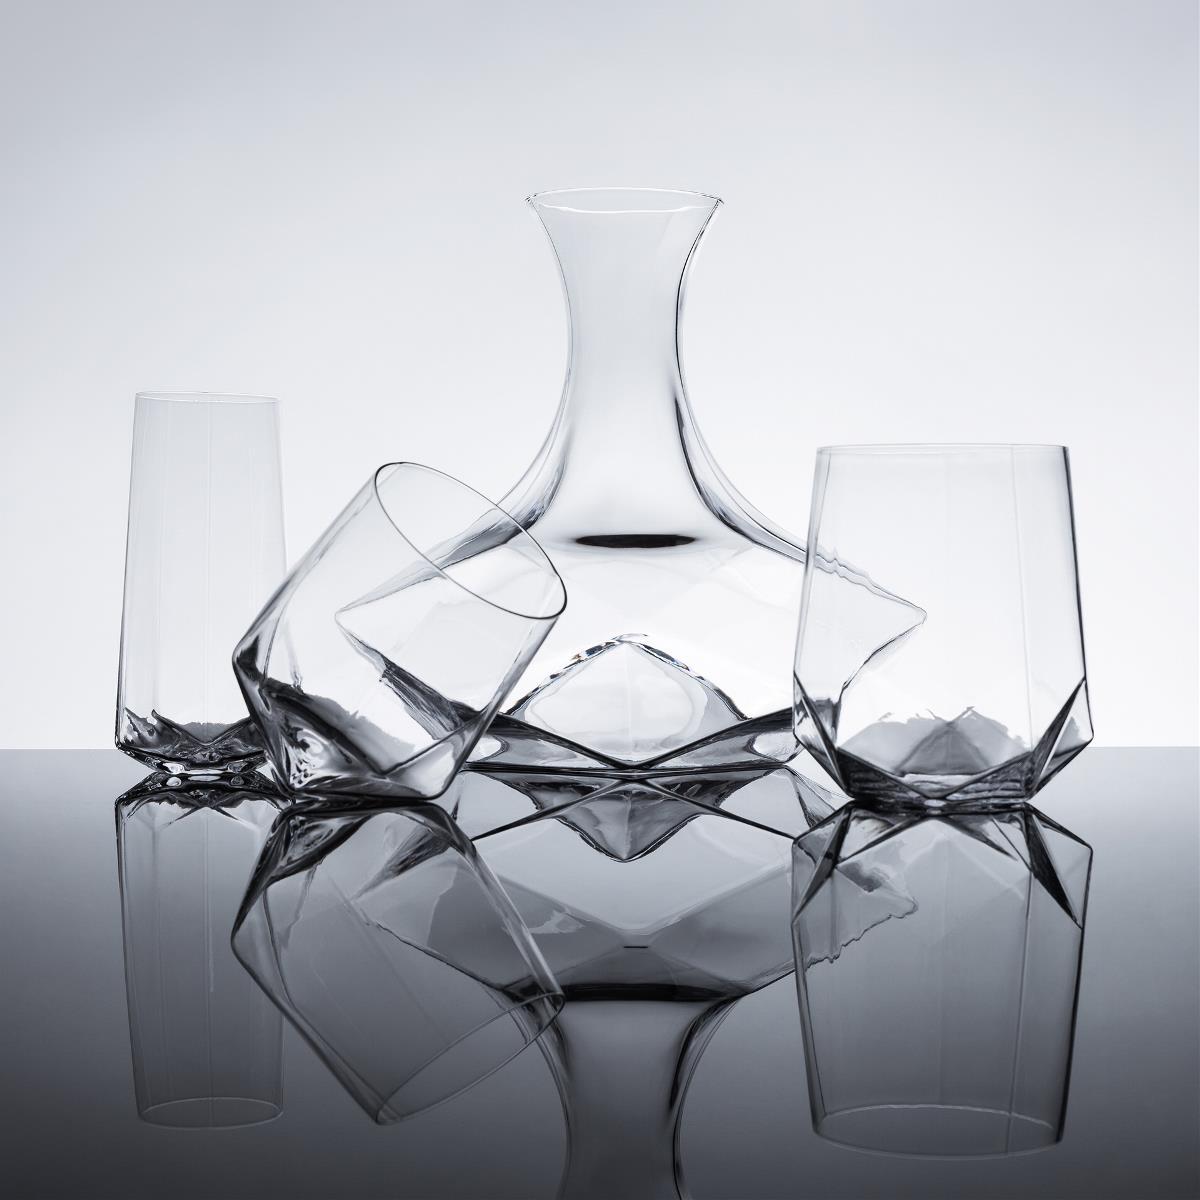 玻璃制品产品设计